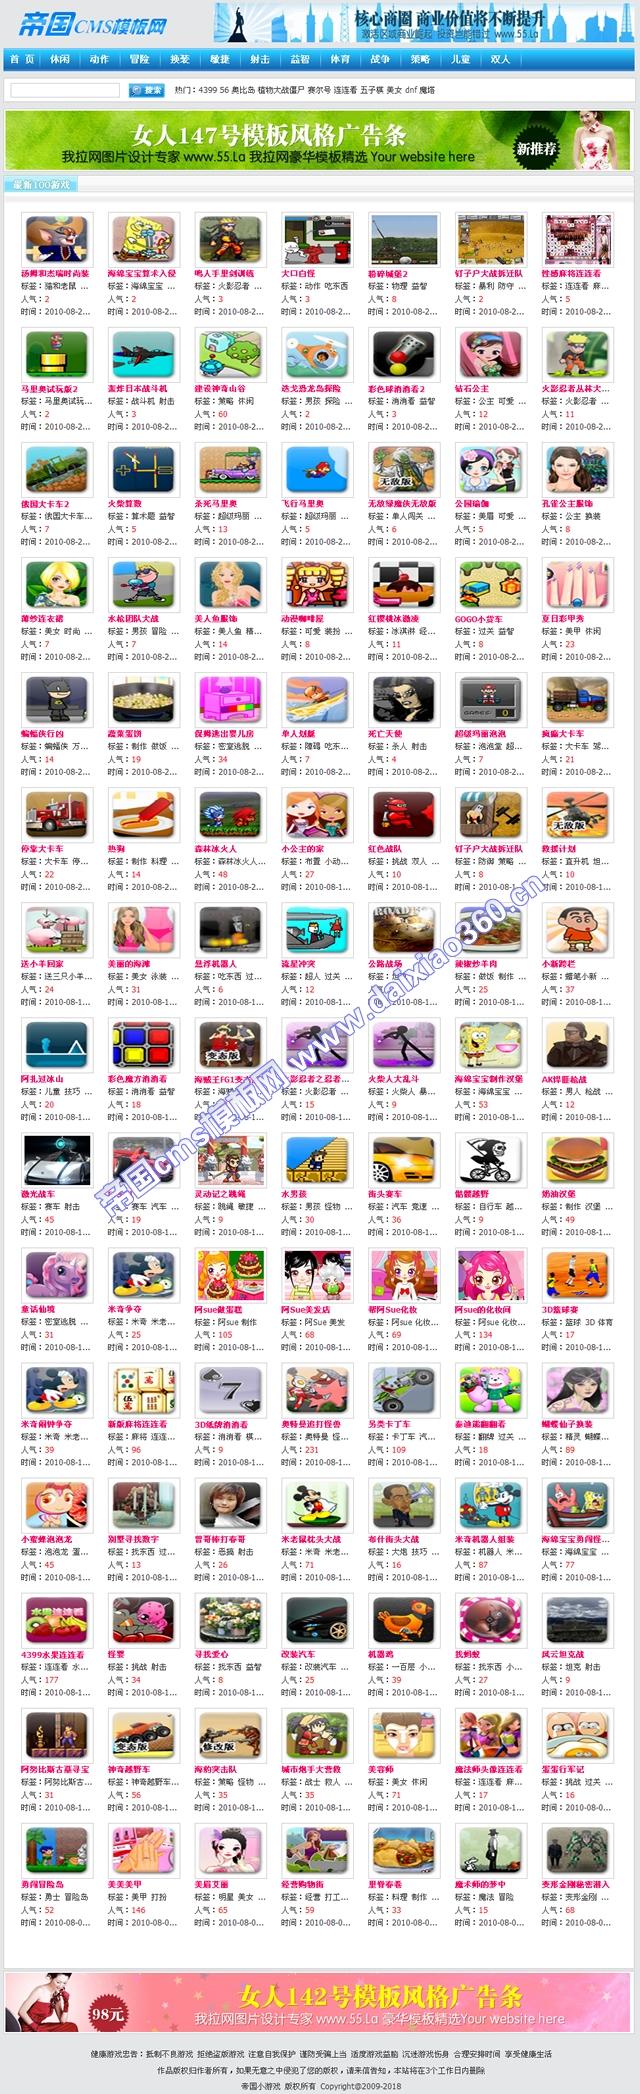 帝国cms小游戏flash蓝色网站模板_专题页